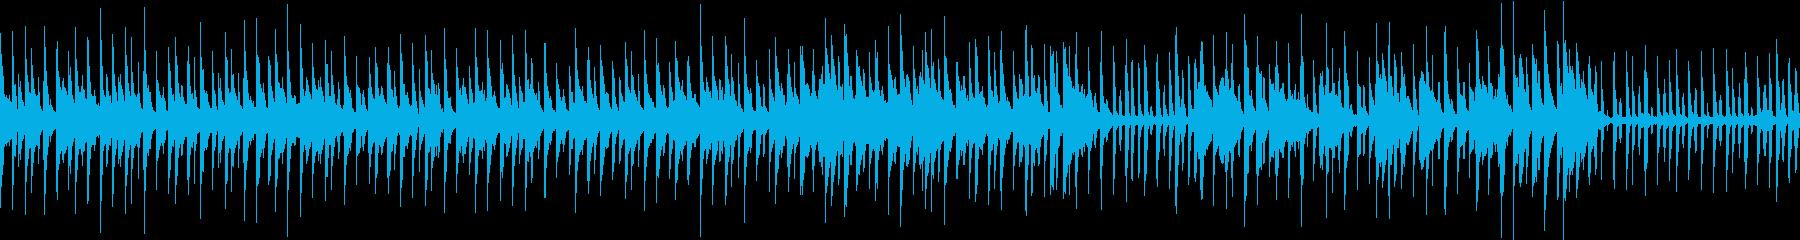 渋谷系のピチカートのかわいい曲(ループ)の再生済みの波形